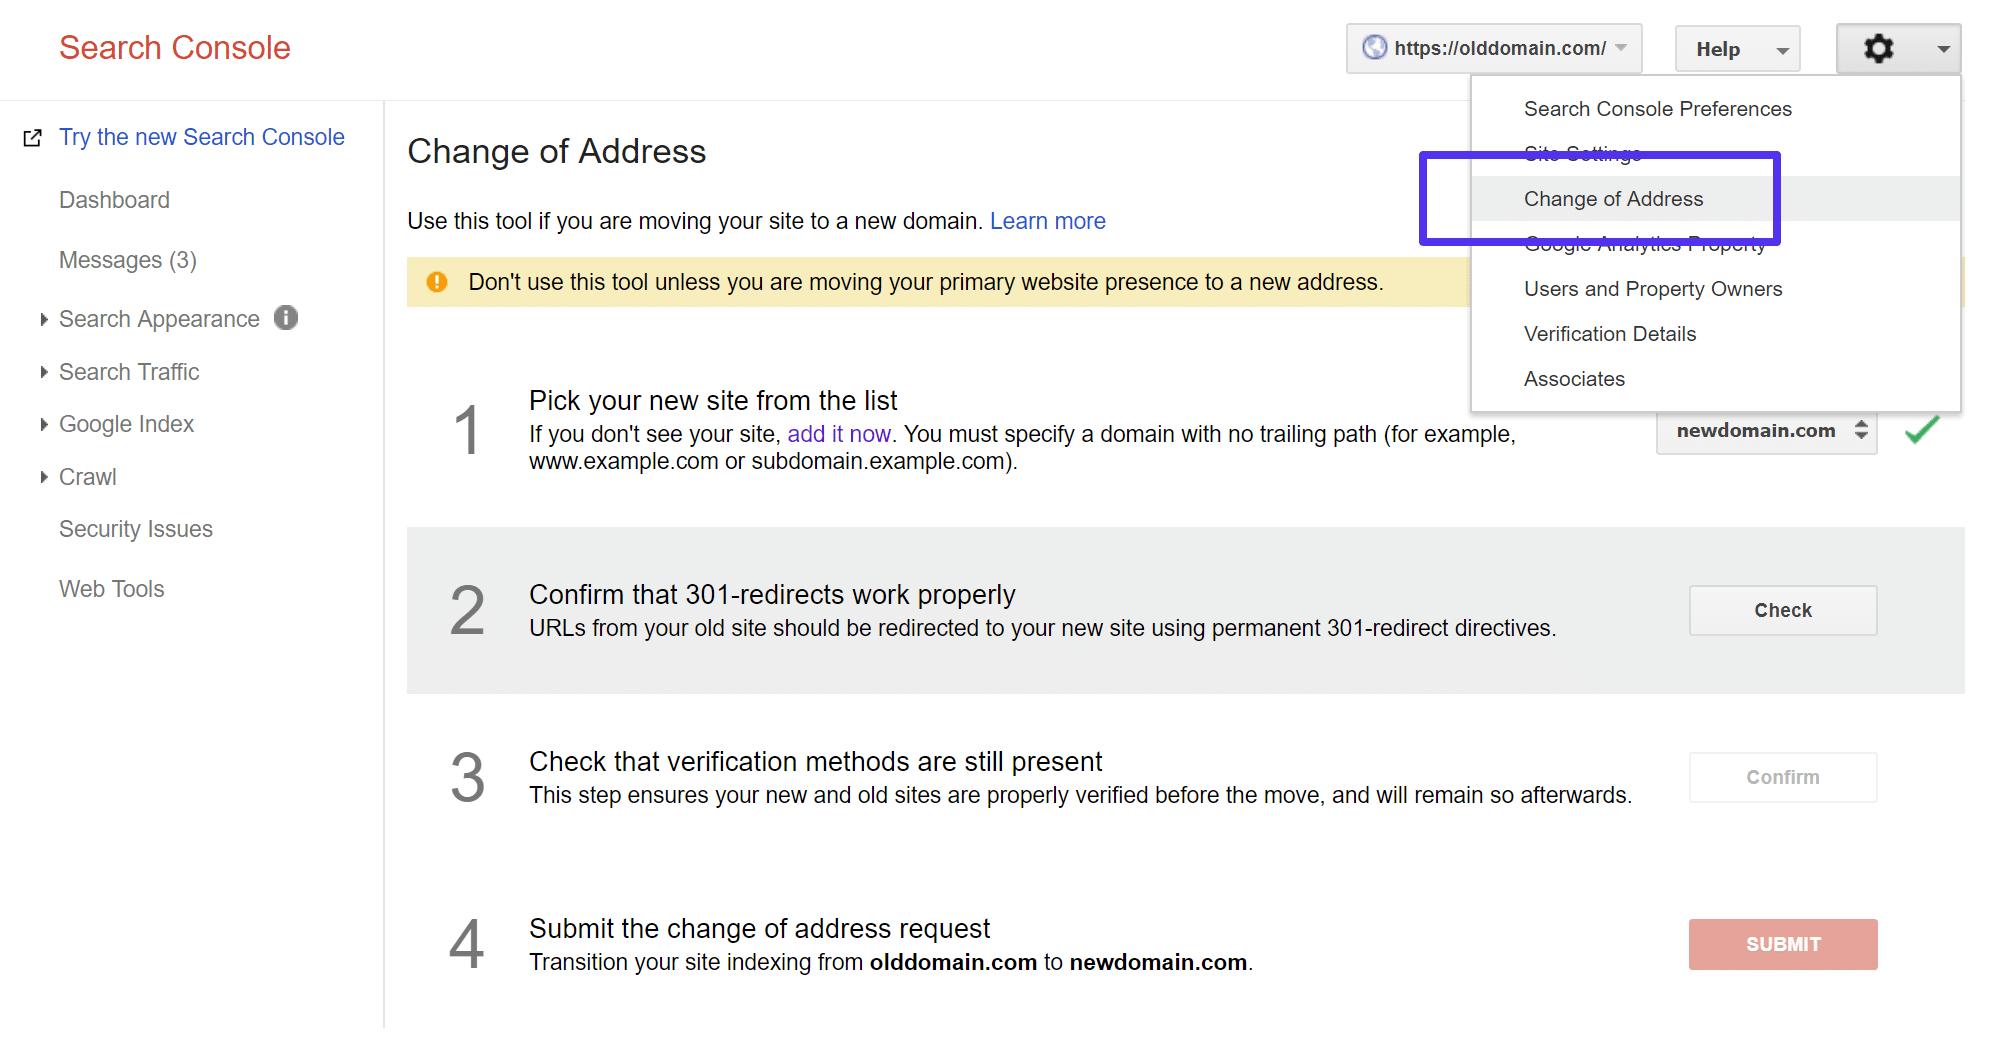 Changement d'adresse avec Google Search Console